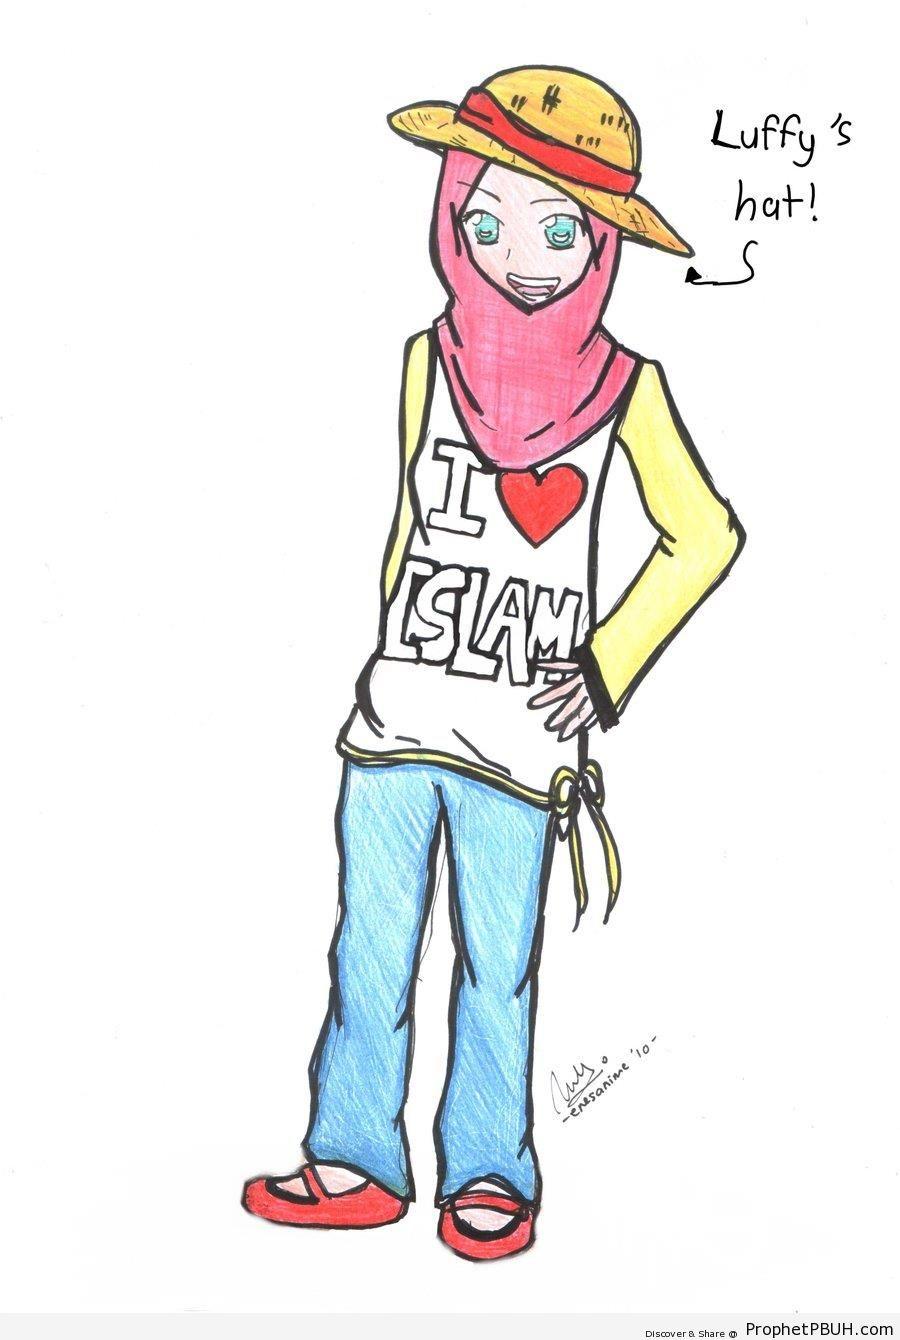 Hijabi Girl in -I Heart Islam- Shirt - -I Love Islam- Posters